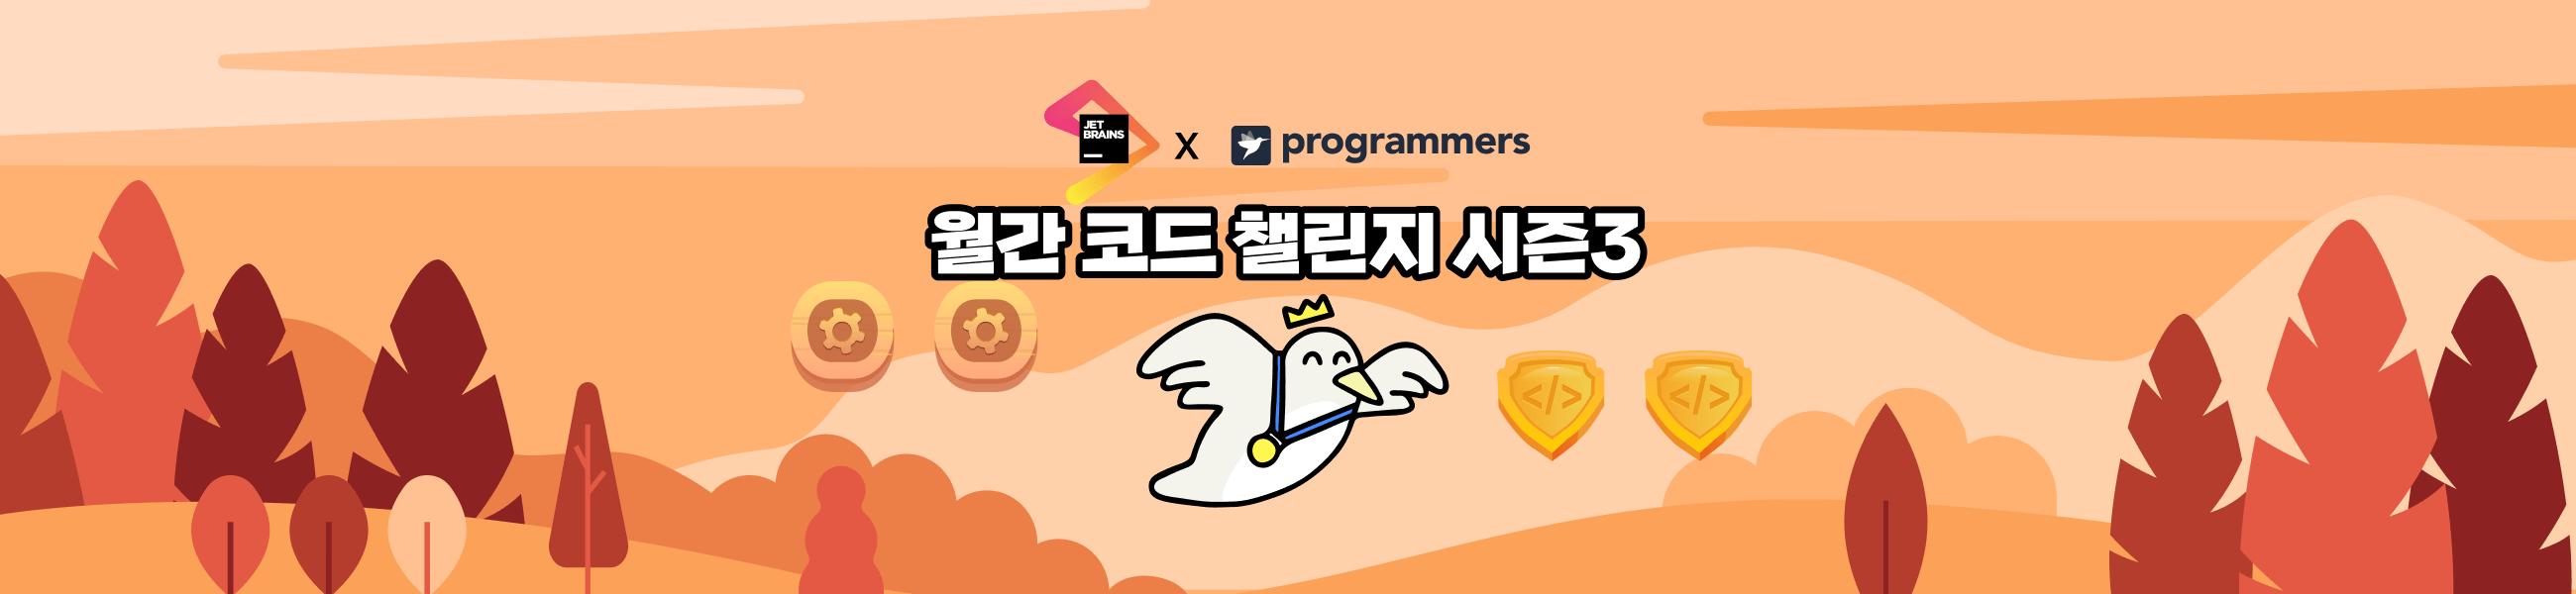 JetBrains x 프로그래머스 월간 코드 챌린지 시즌3의 이미지